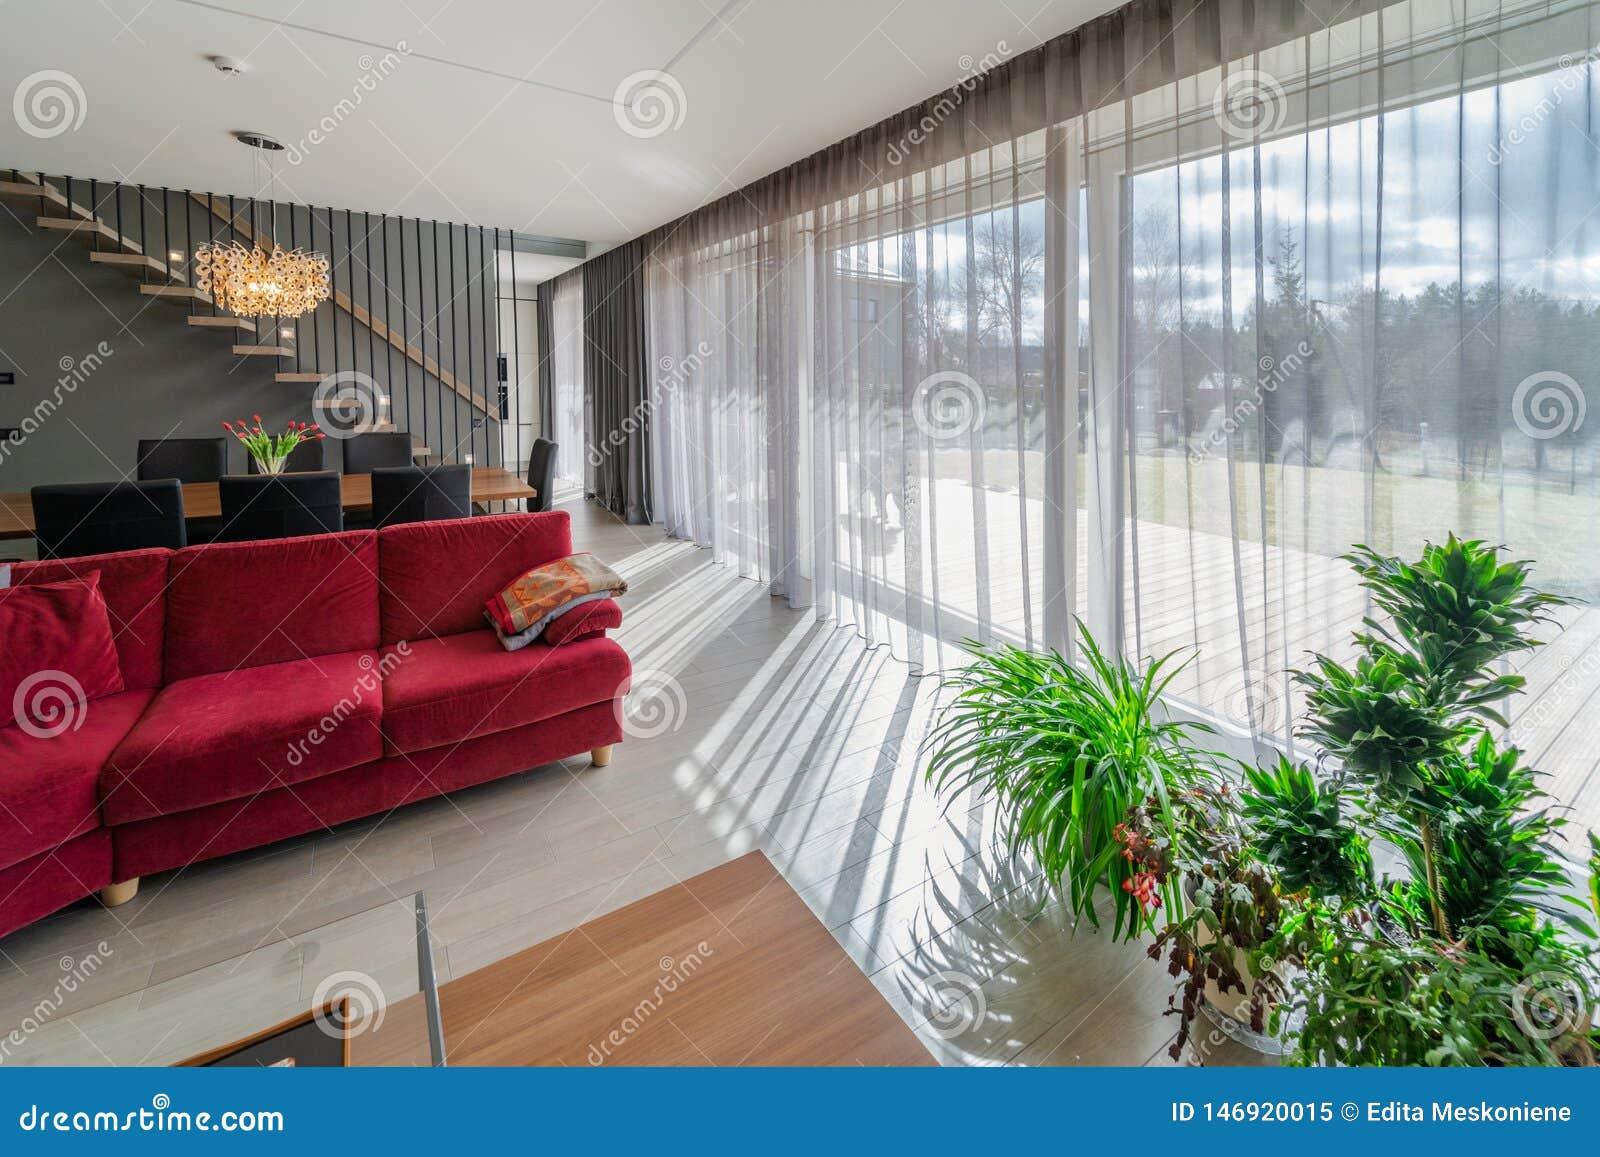 O espaço para refeições e sala de visitas no interior da casa moderna